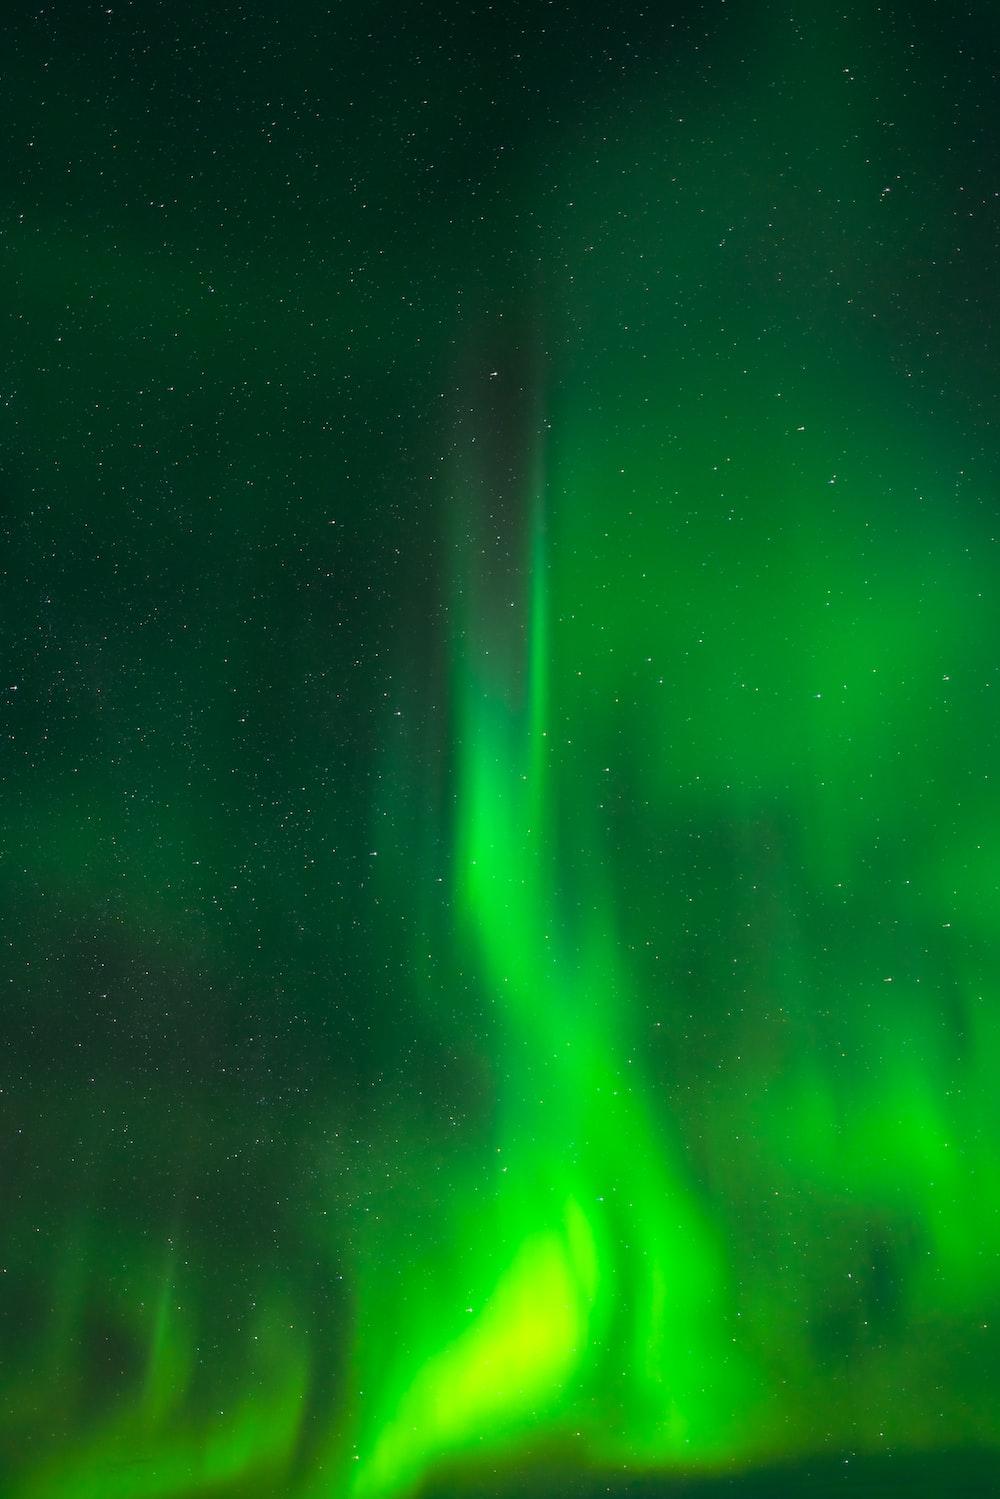 green light in dark room